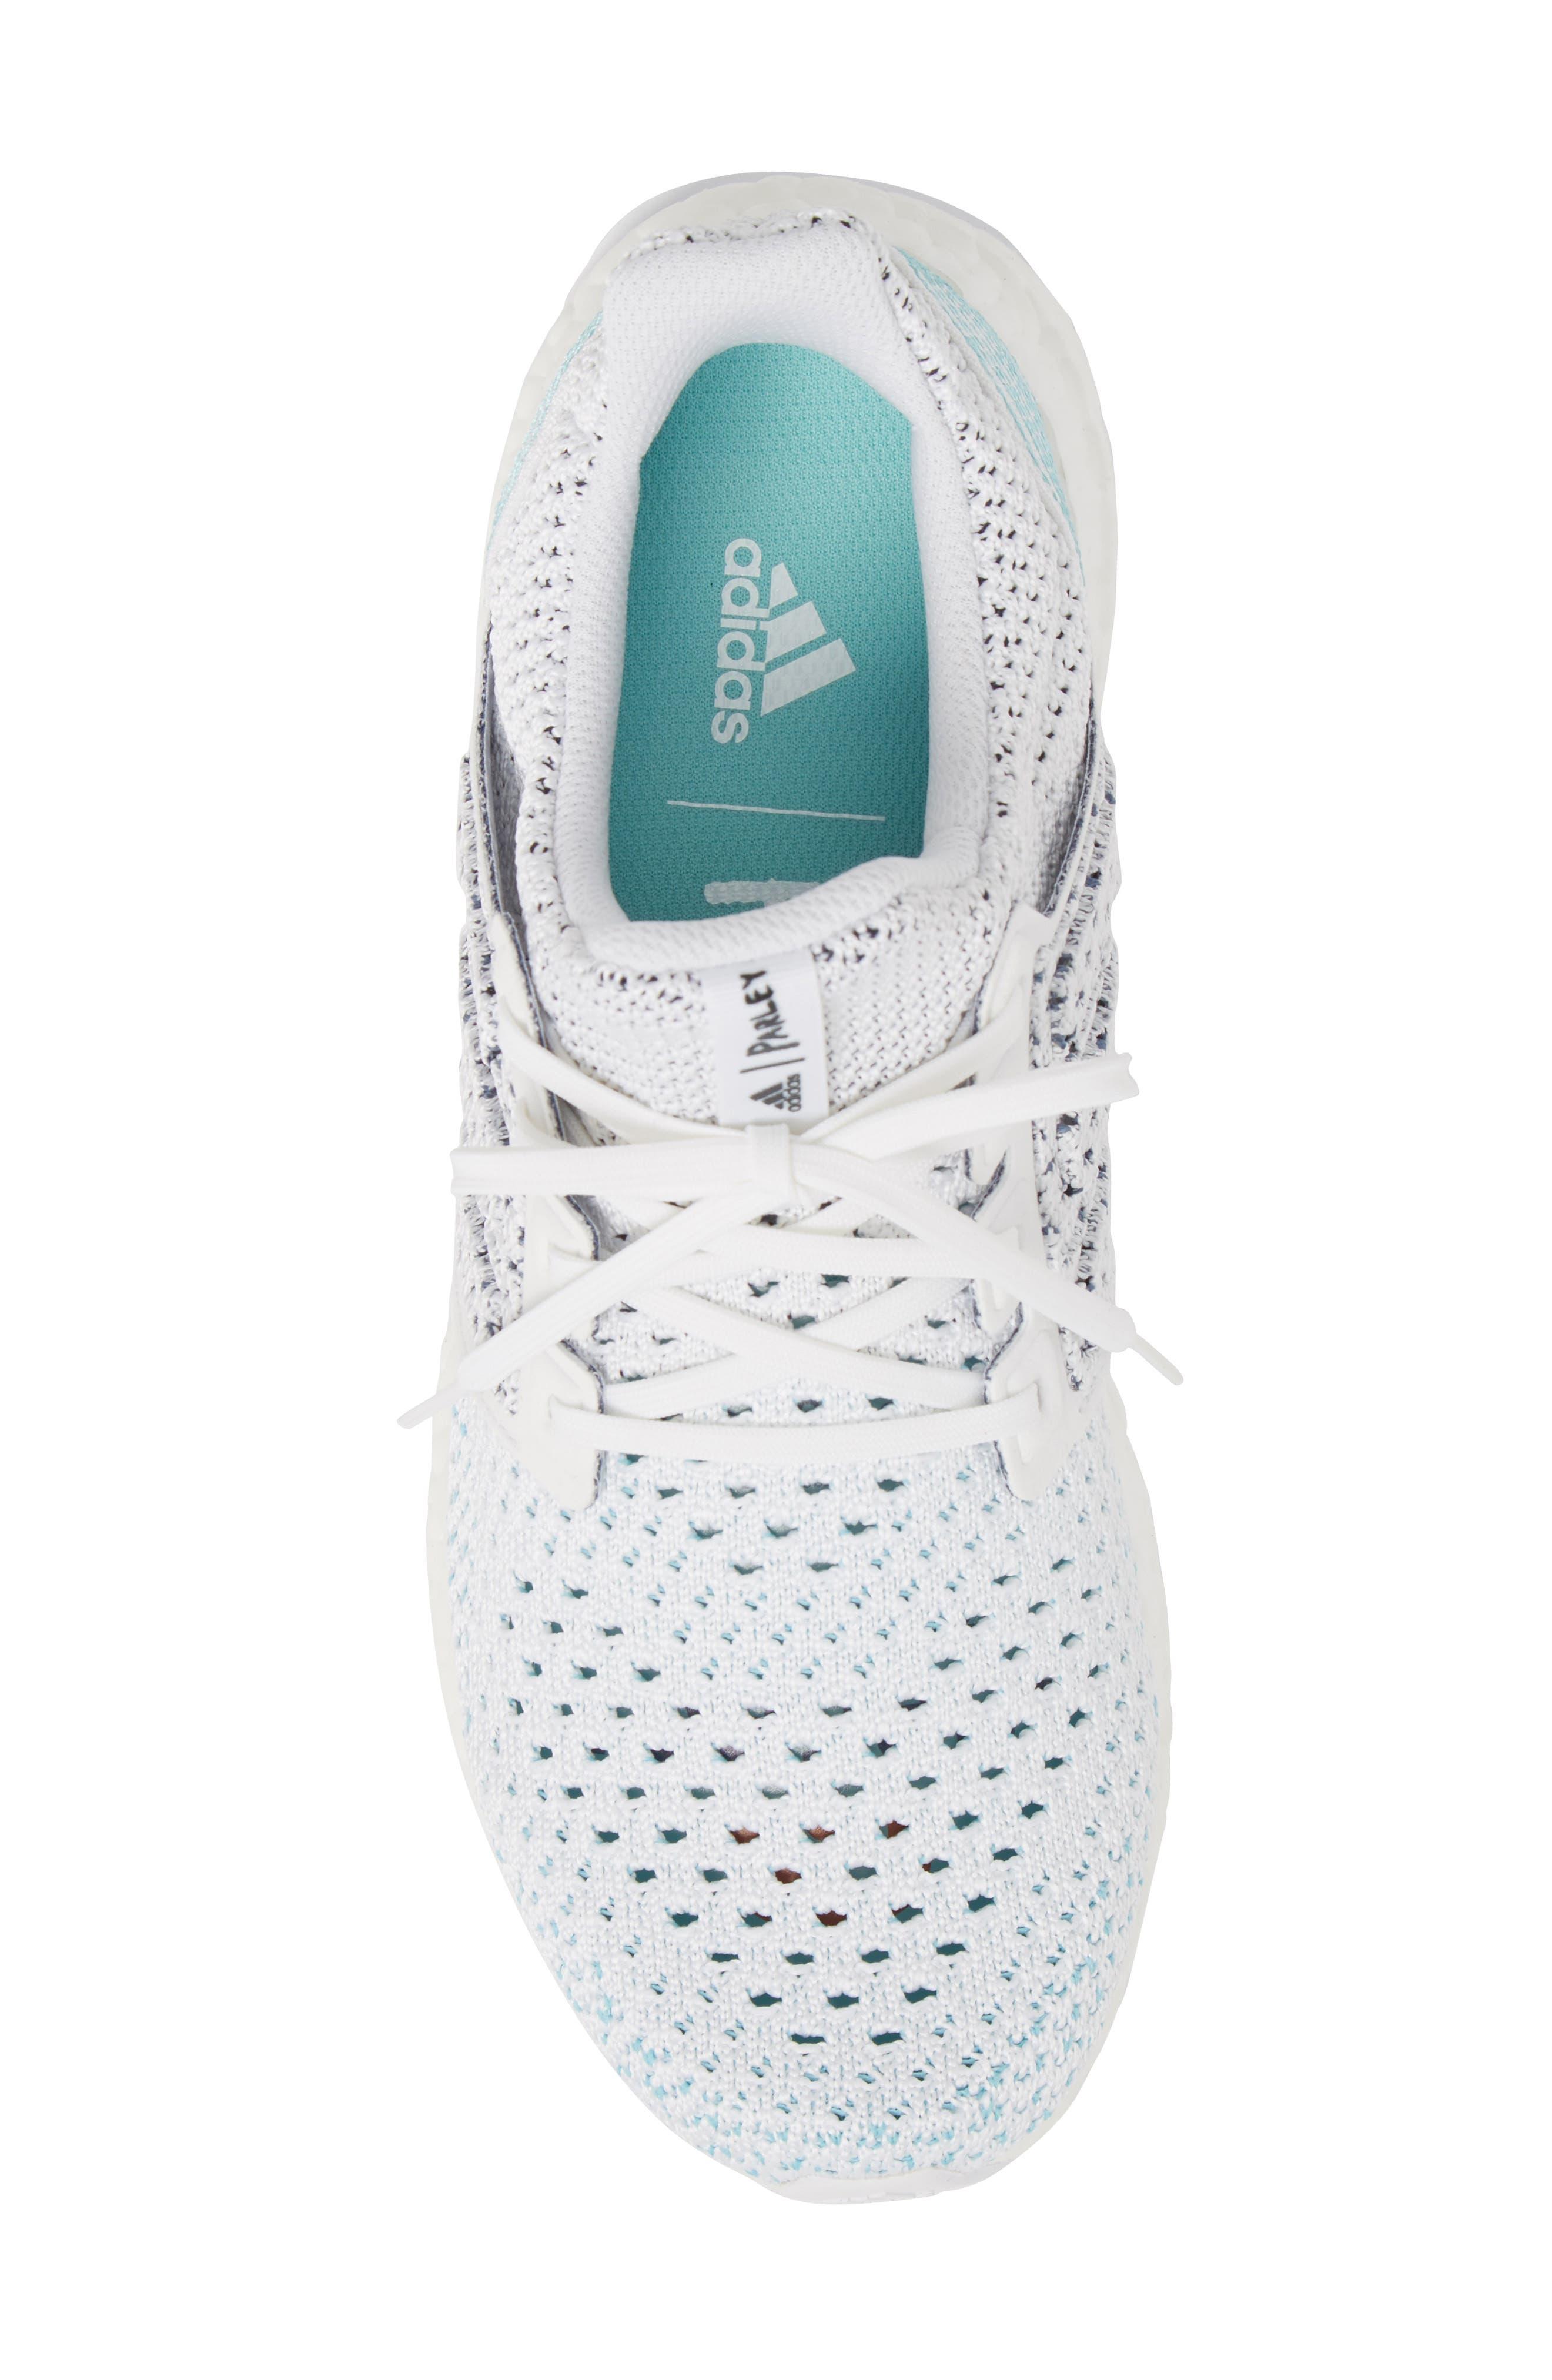 Parley UltraBoost Sneaker,                             Alternate thumbnail 5, color,                             WHITE/ BLUE SPIRIT